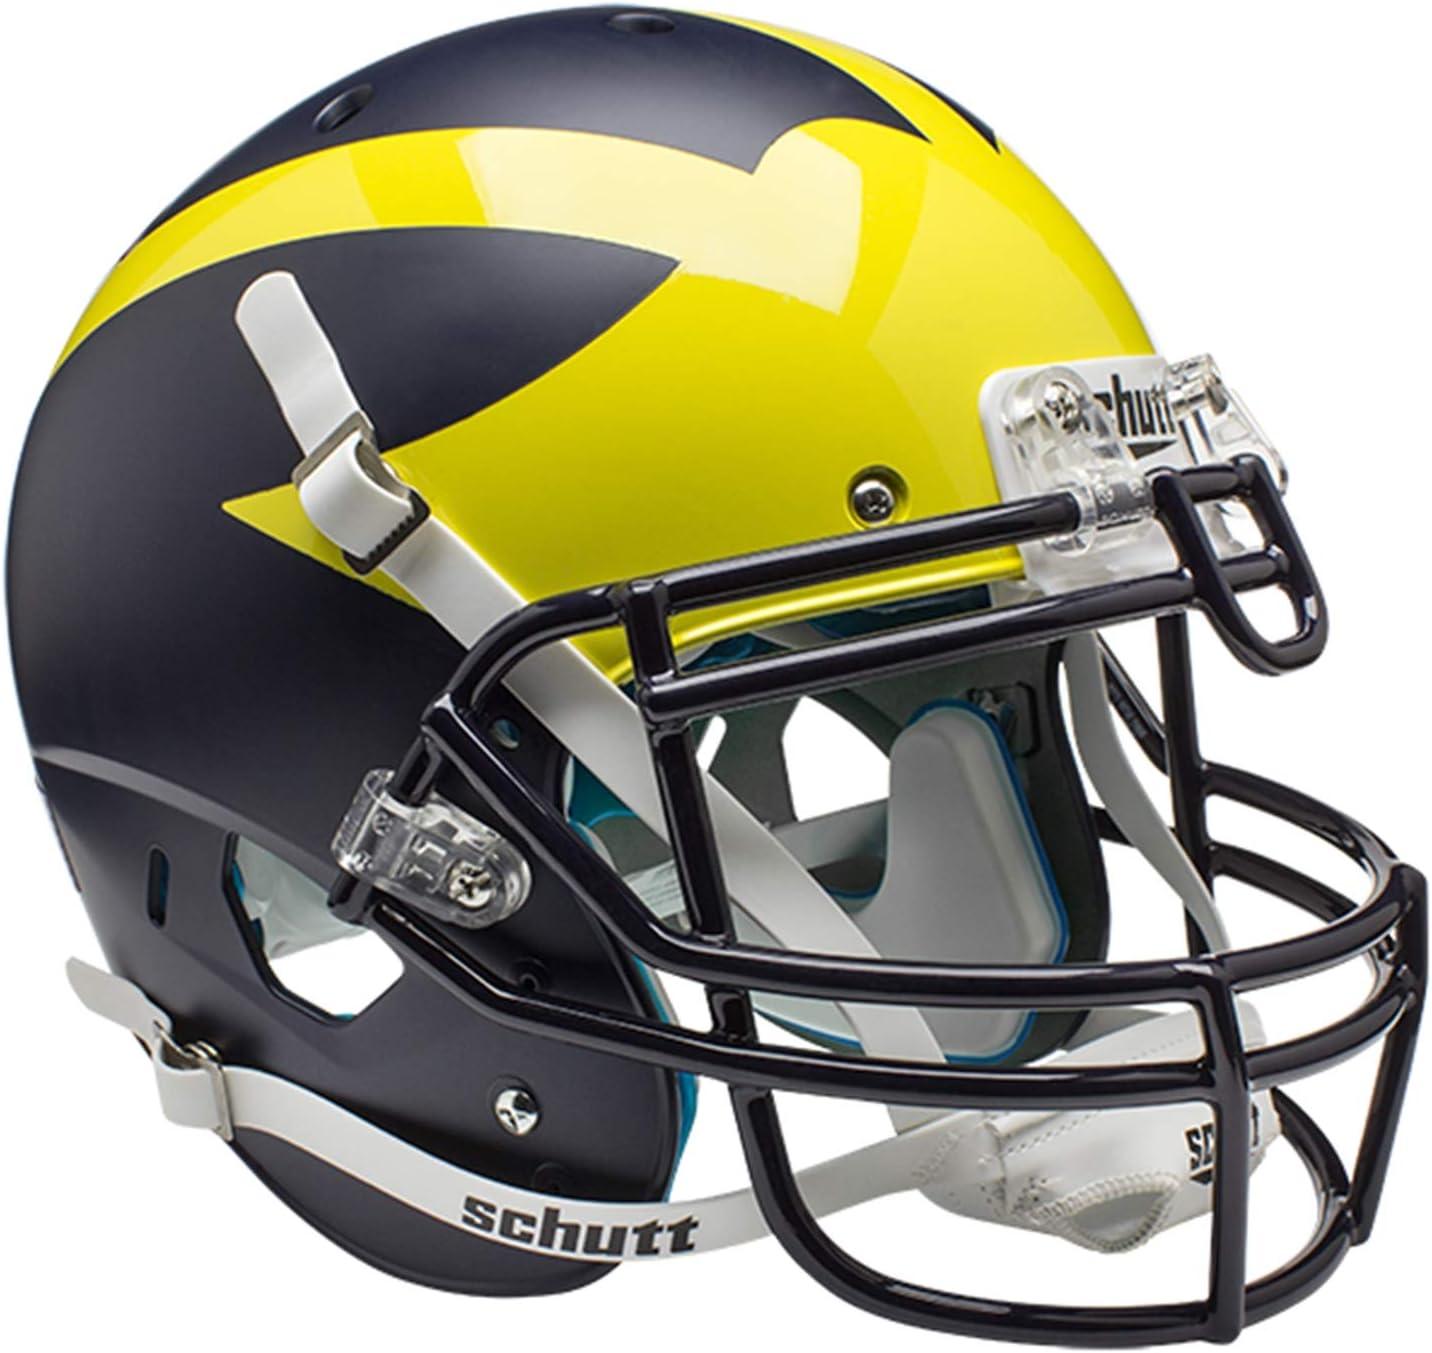 Schutt NCAA Unisex NCAA Michigan Wolverines On-Field Authentic XP Football Helmet